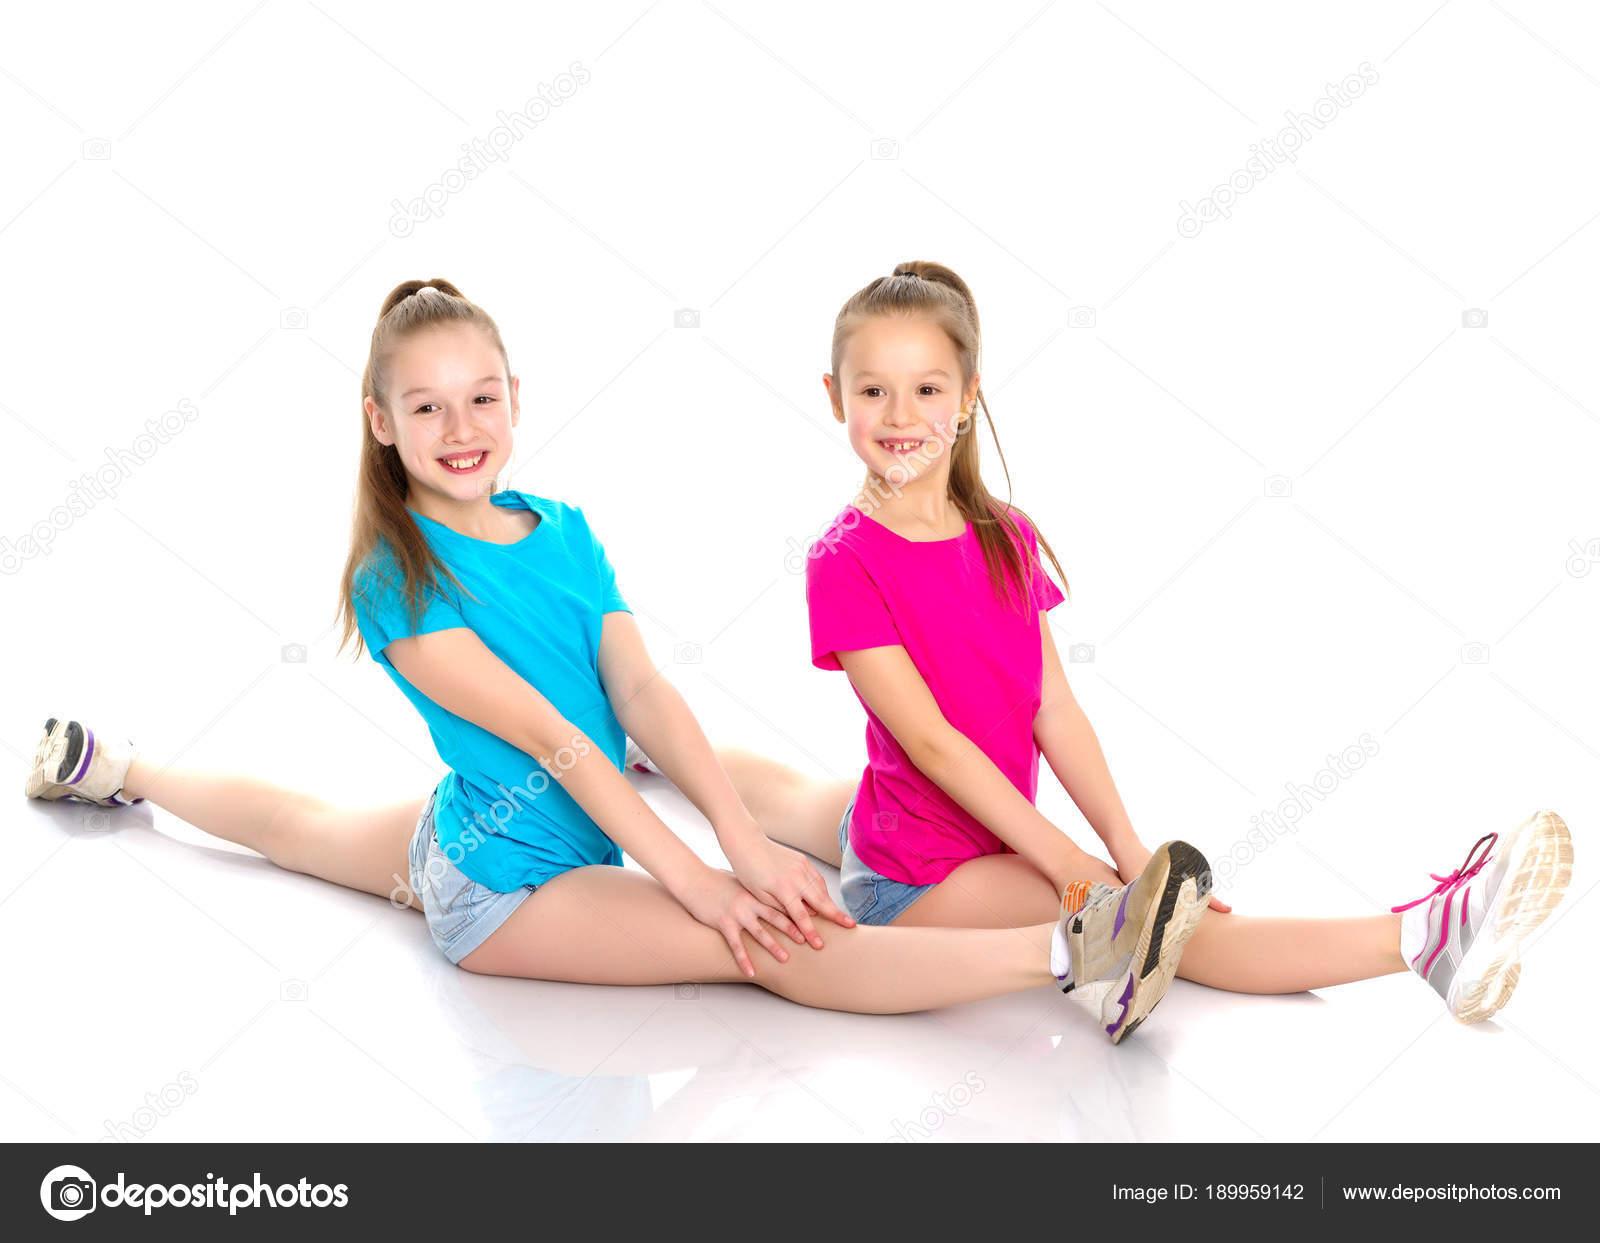 Семенович девки гимнастки фото